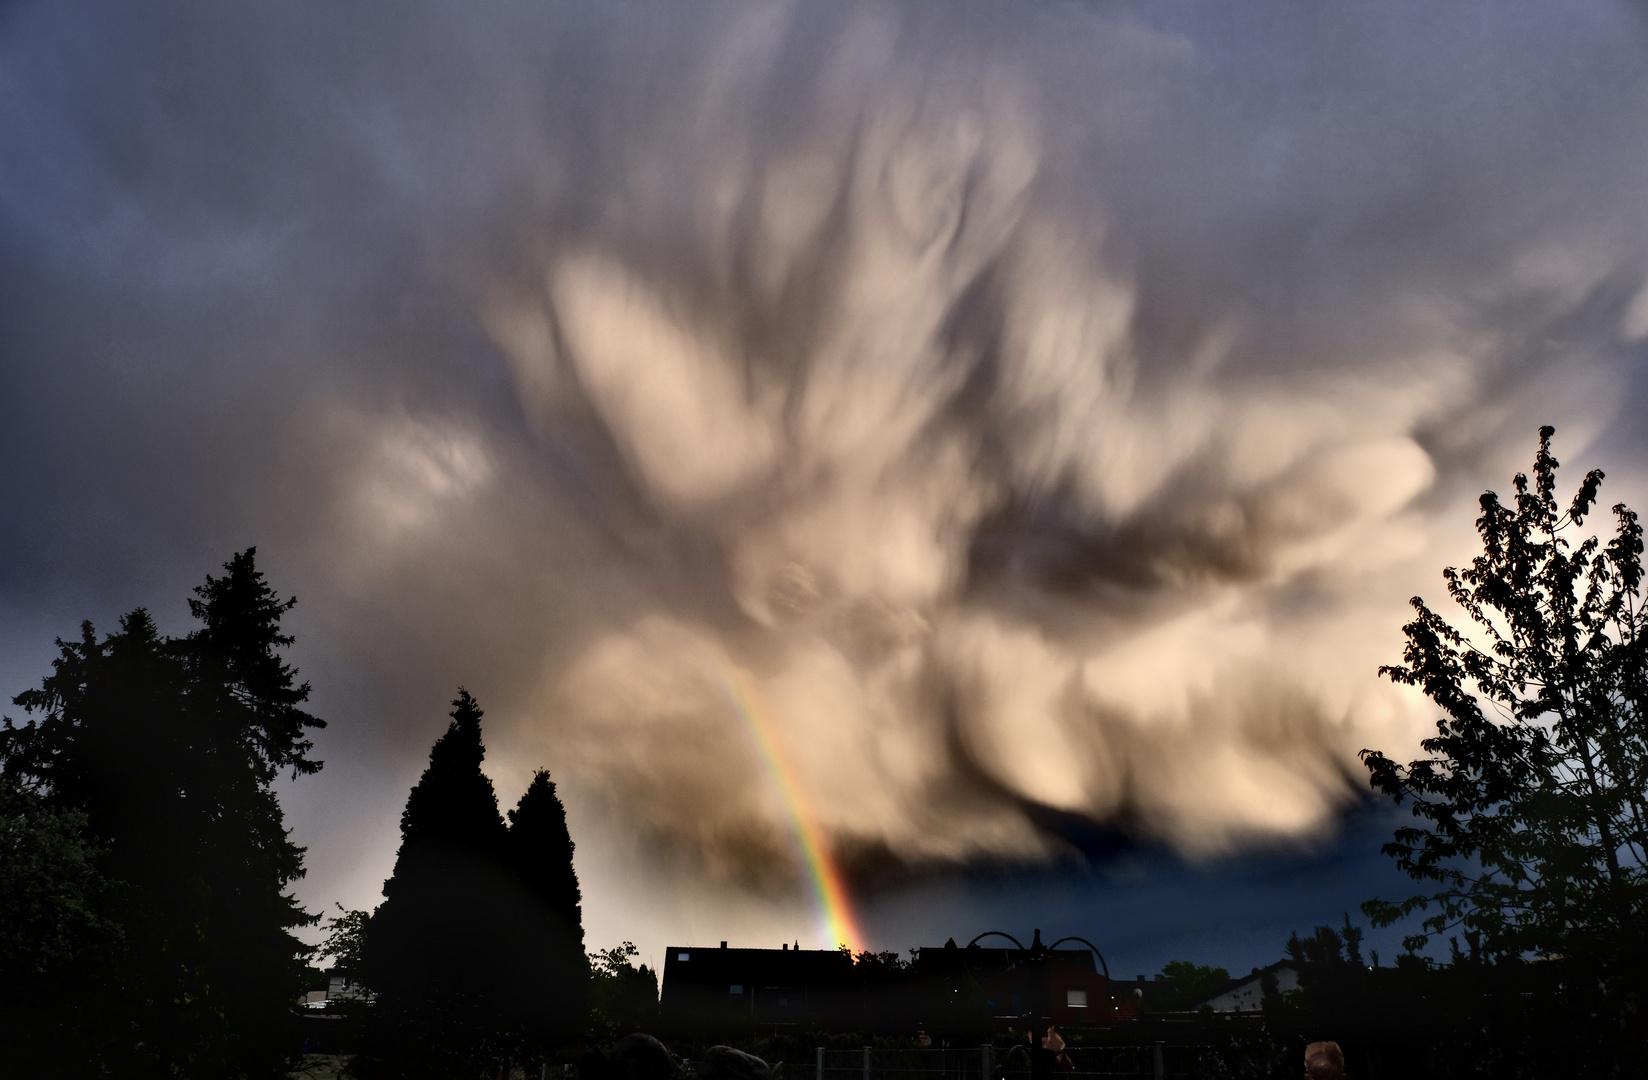 Düsterere Wolken und ein wenig Farbe